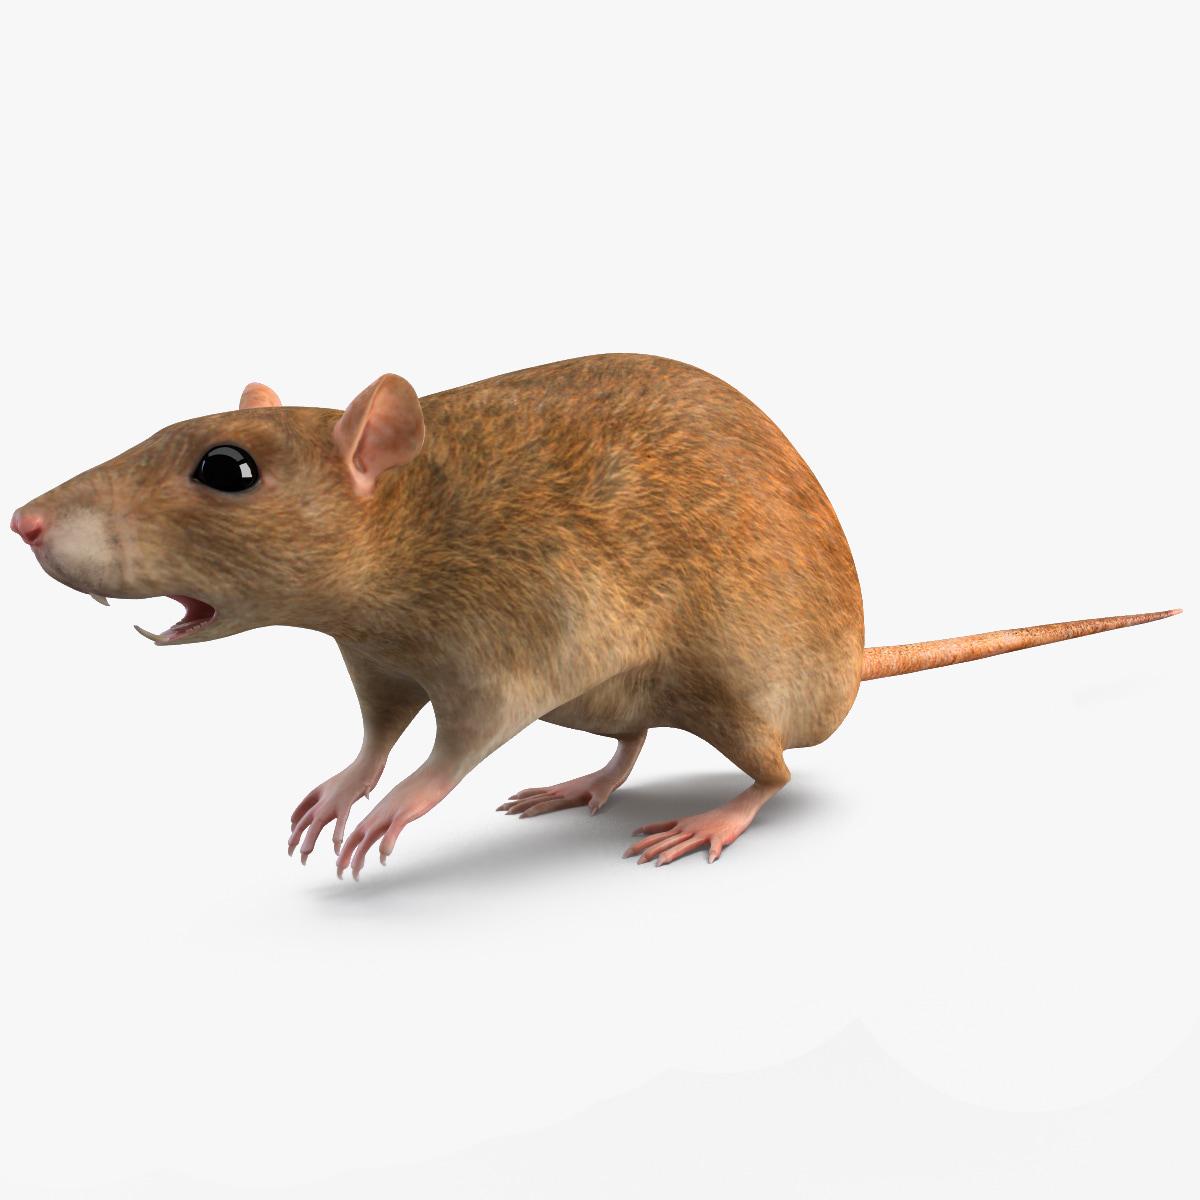 Rat_000.jpg